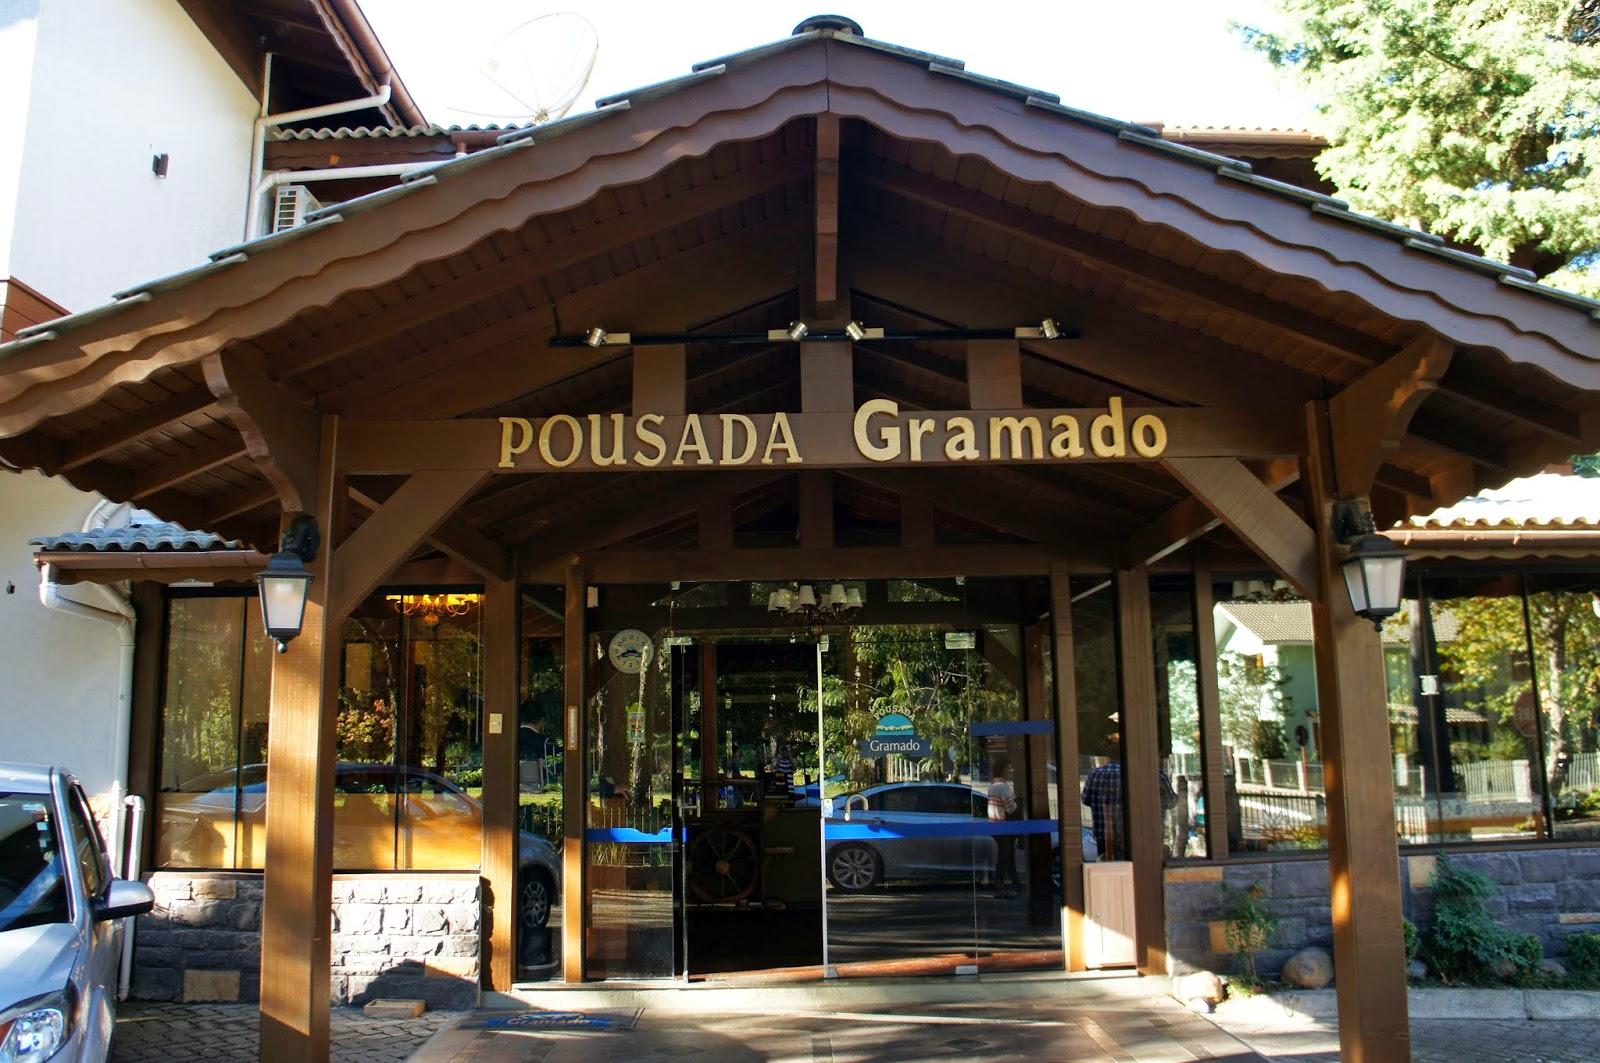 Pousada Gramado: hospedagem econômica na cara cidade gaúcha